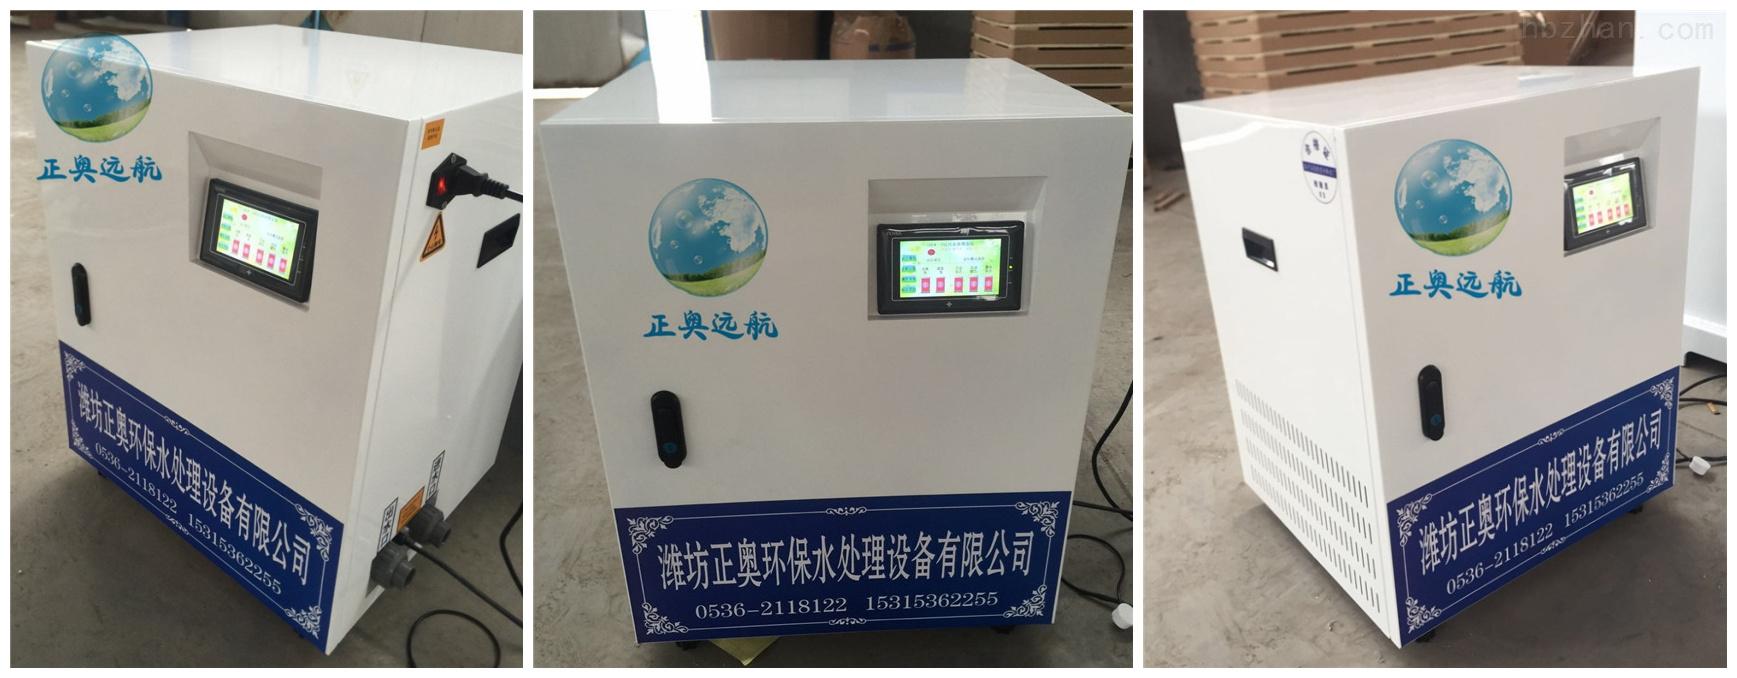 泰州中医医院污水处理设备研发设计